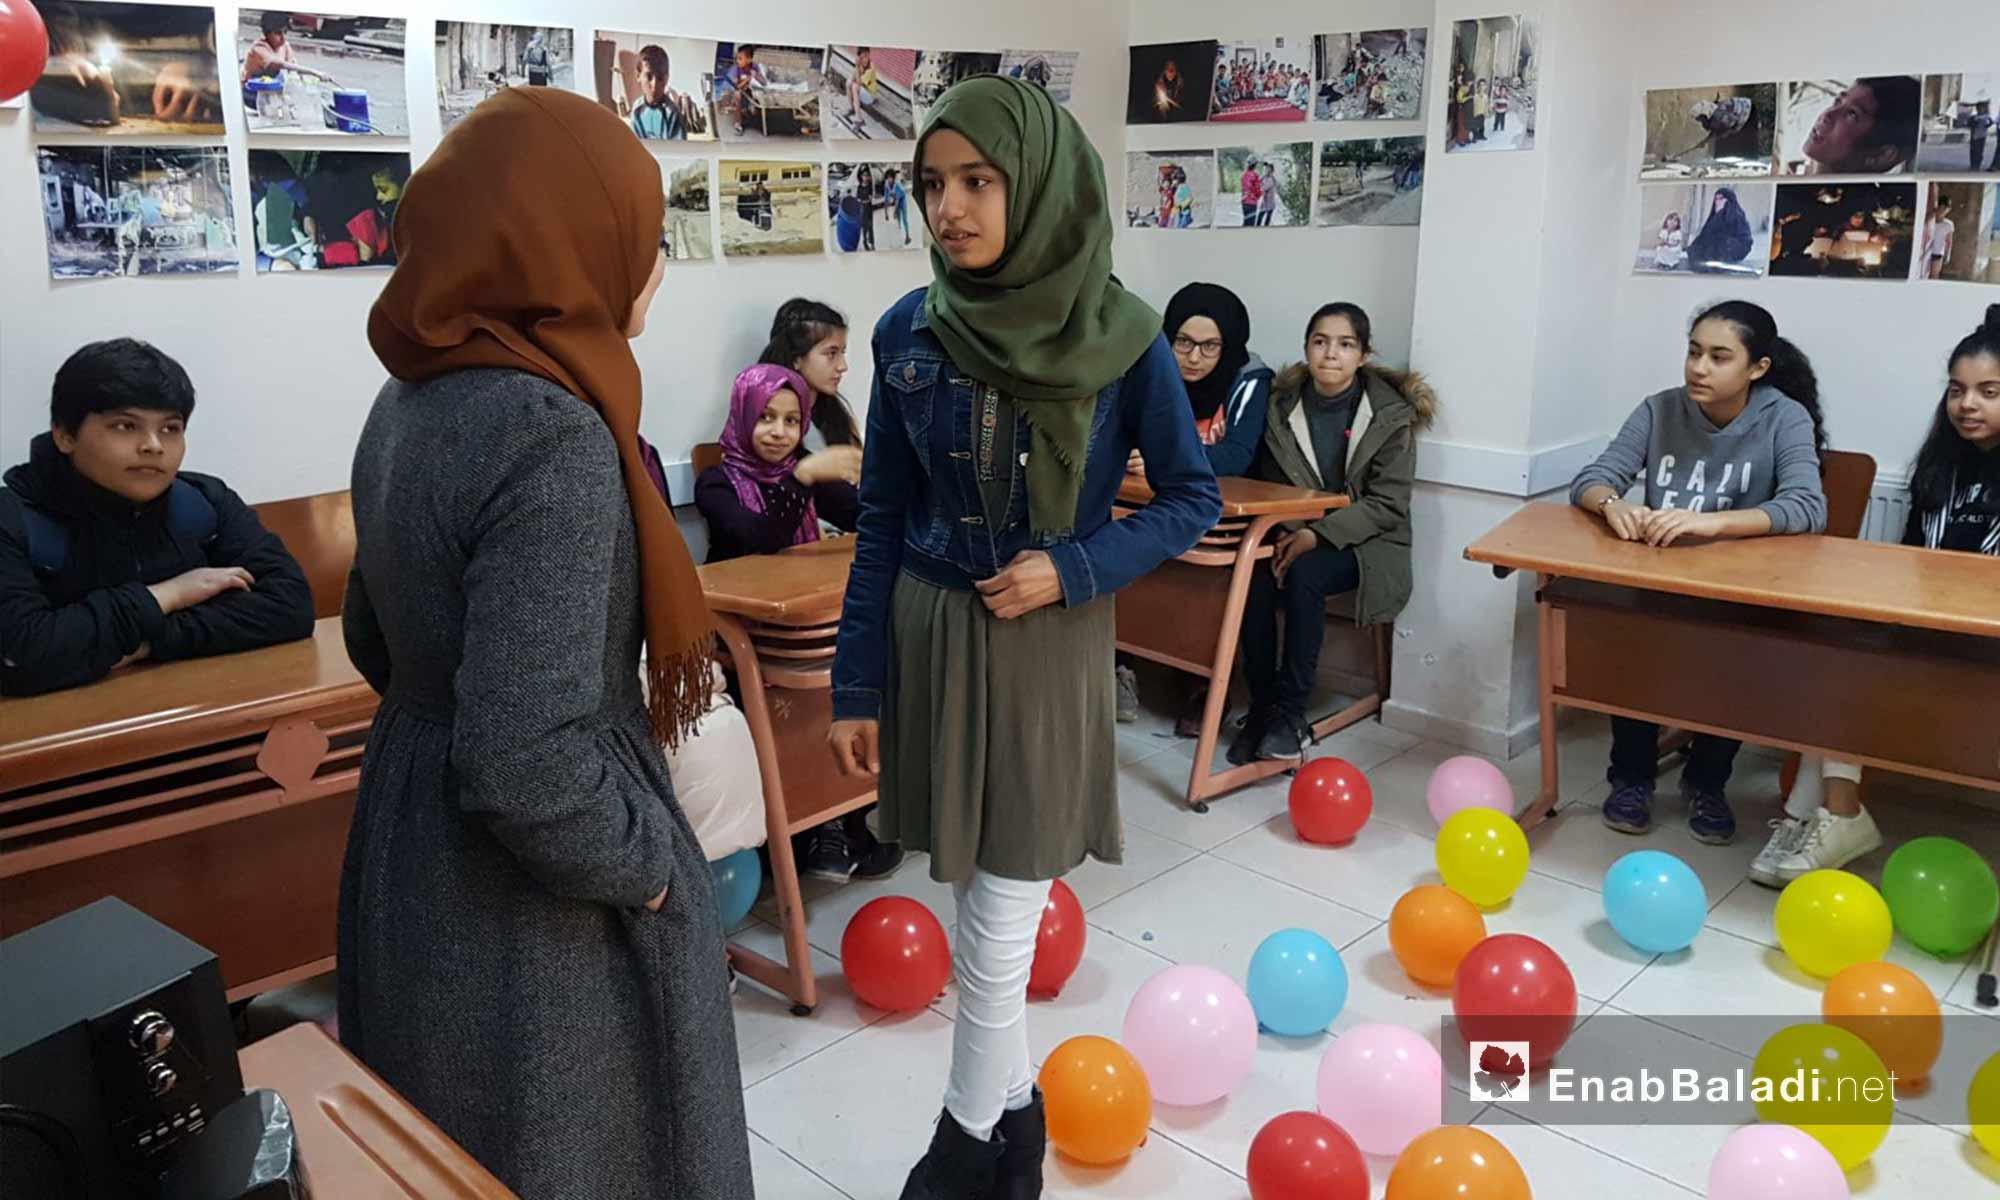 سوريات وأتراك شاركن بمبادرة مجتمعية في أورفة - 24 شباط 2018 (عنب بلدي)